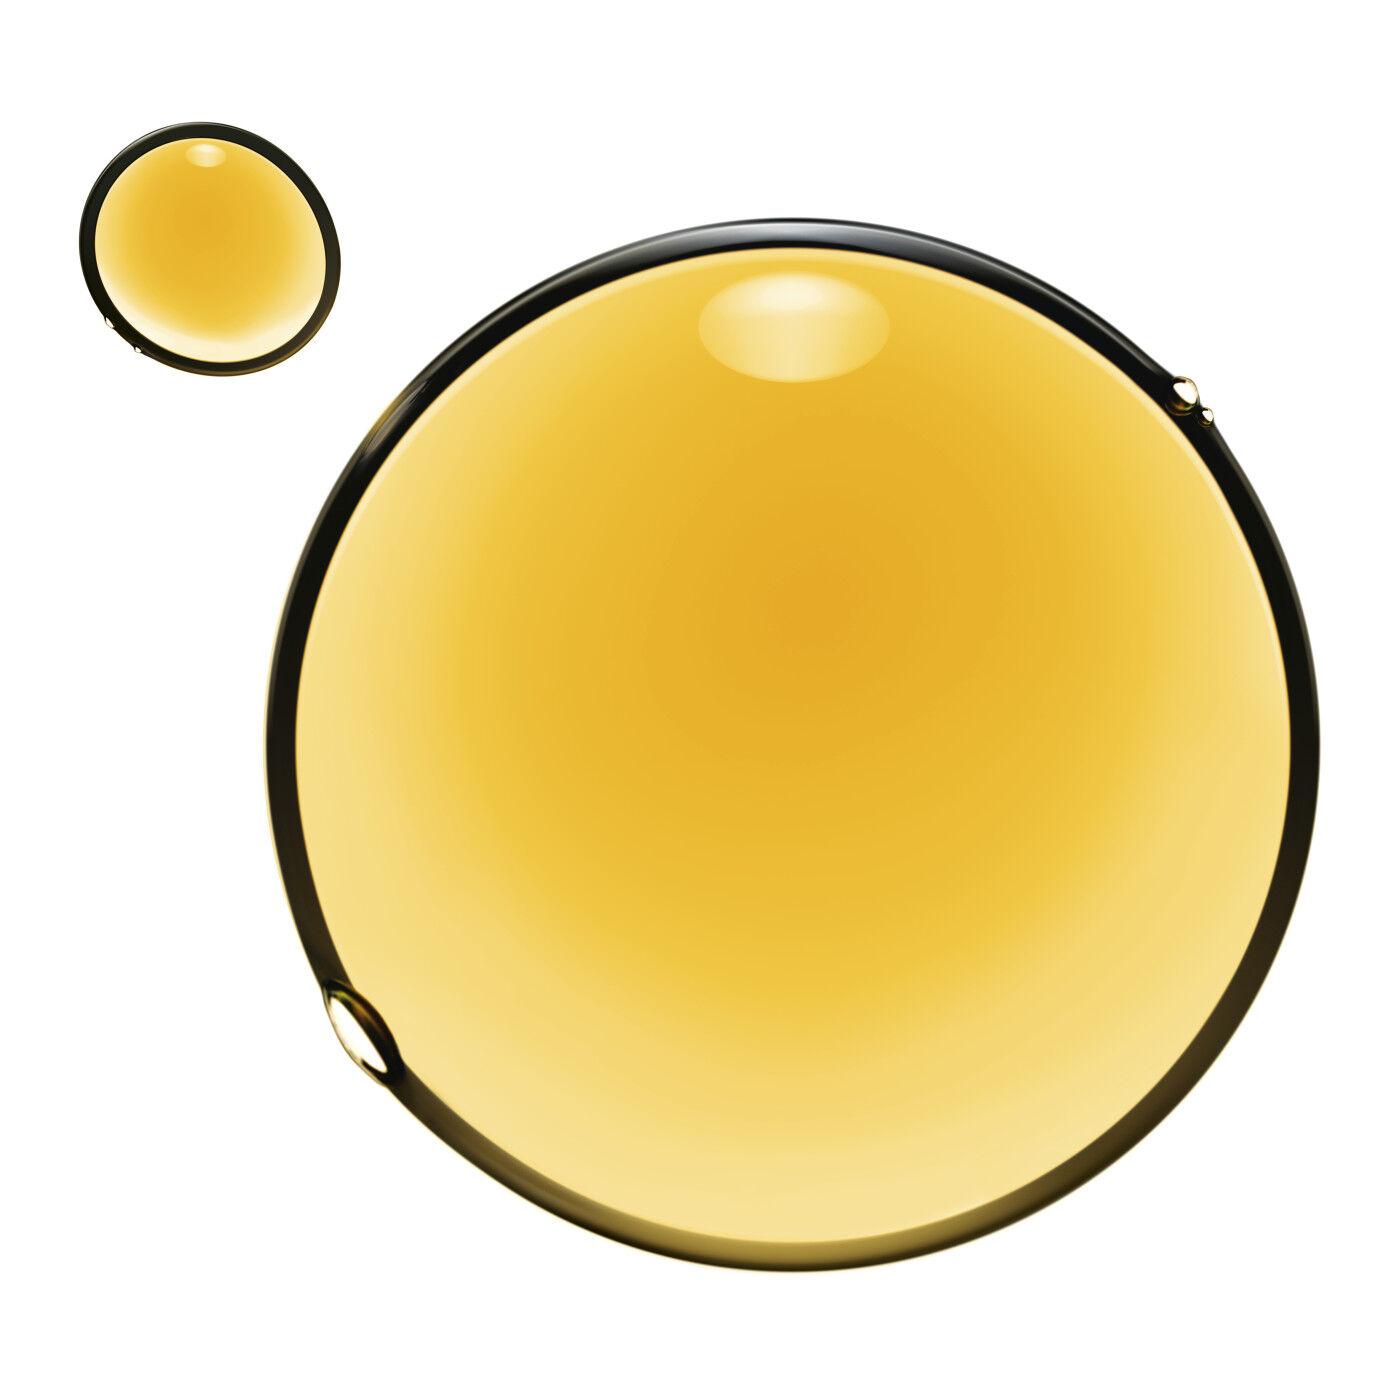 美肌能量液系列 活力抗倦能量液